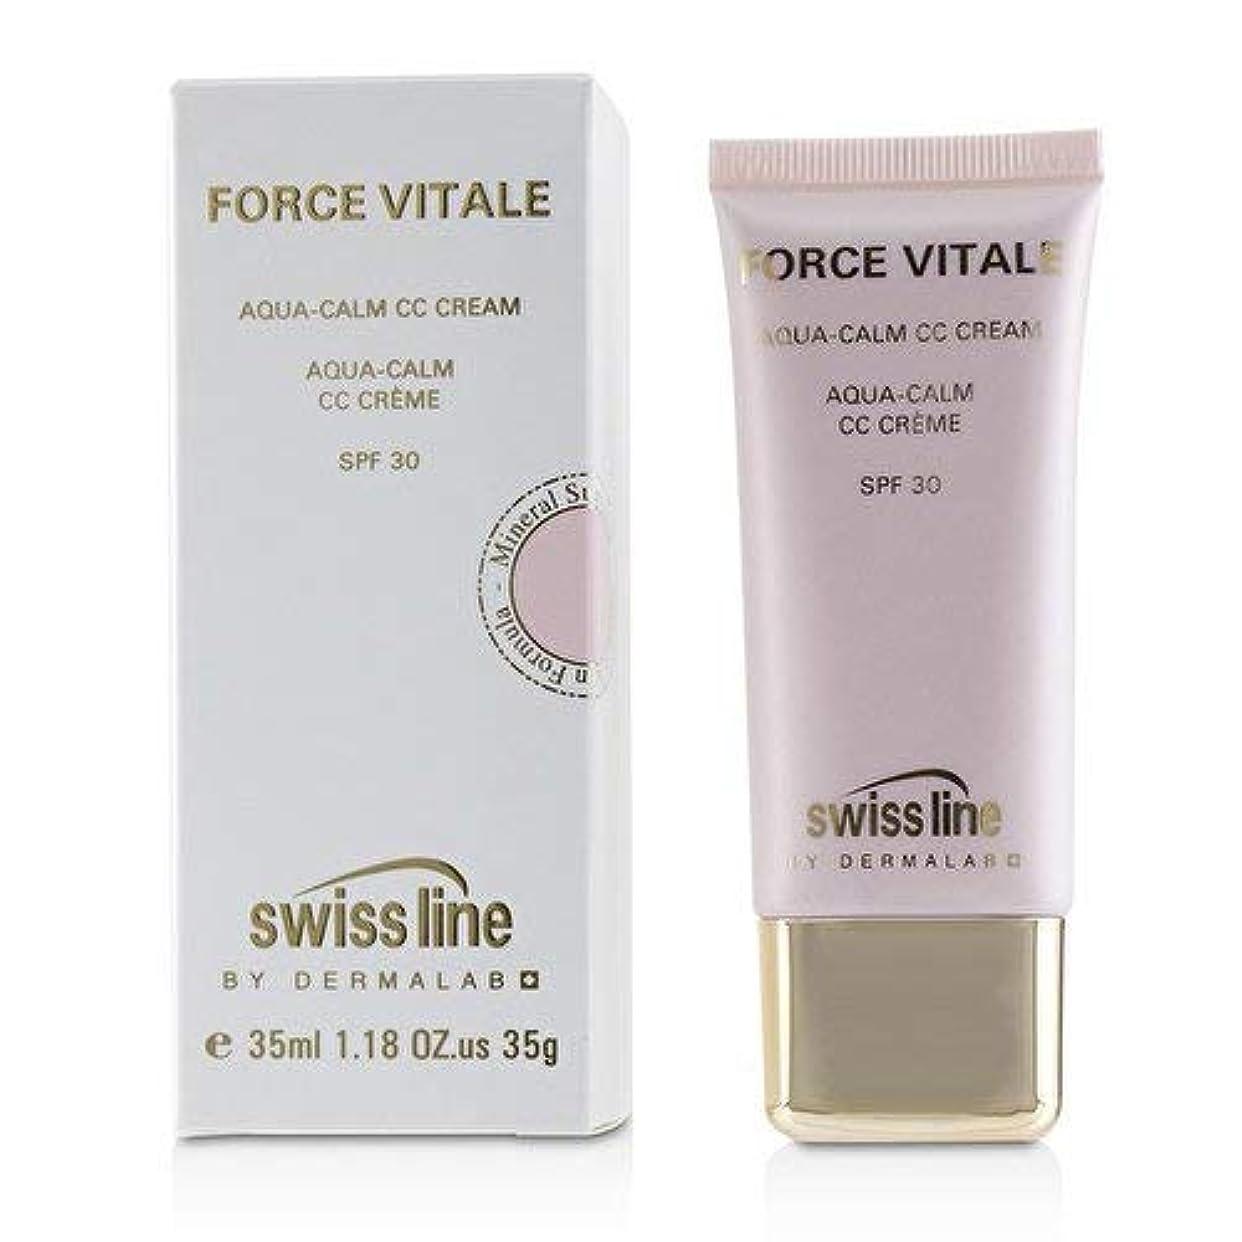 キャンプ騙す想定するスイスライン Force Vitale Aqua-Calm CC Cream SPF30 - Beige 10 35ml並行輸入品